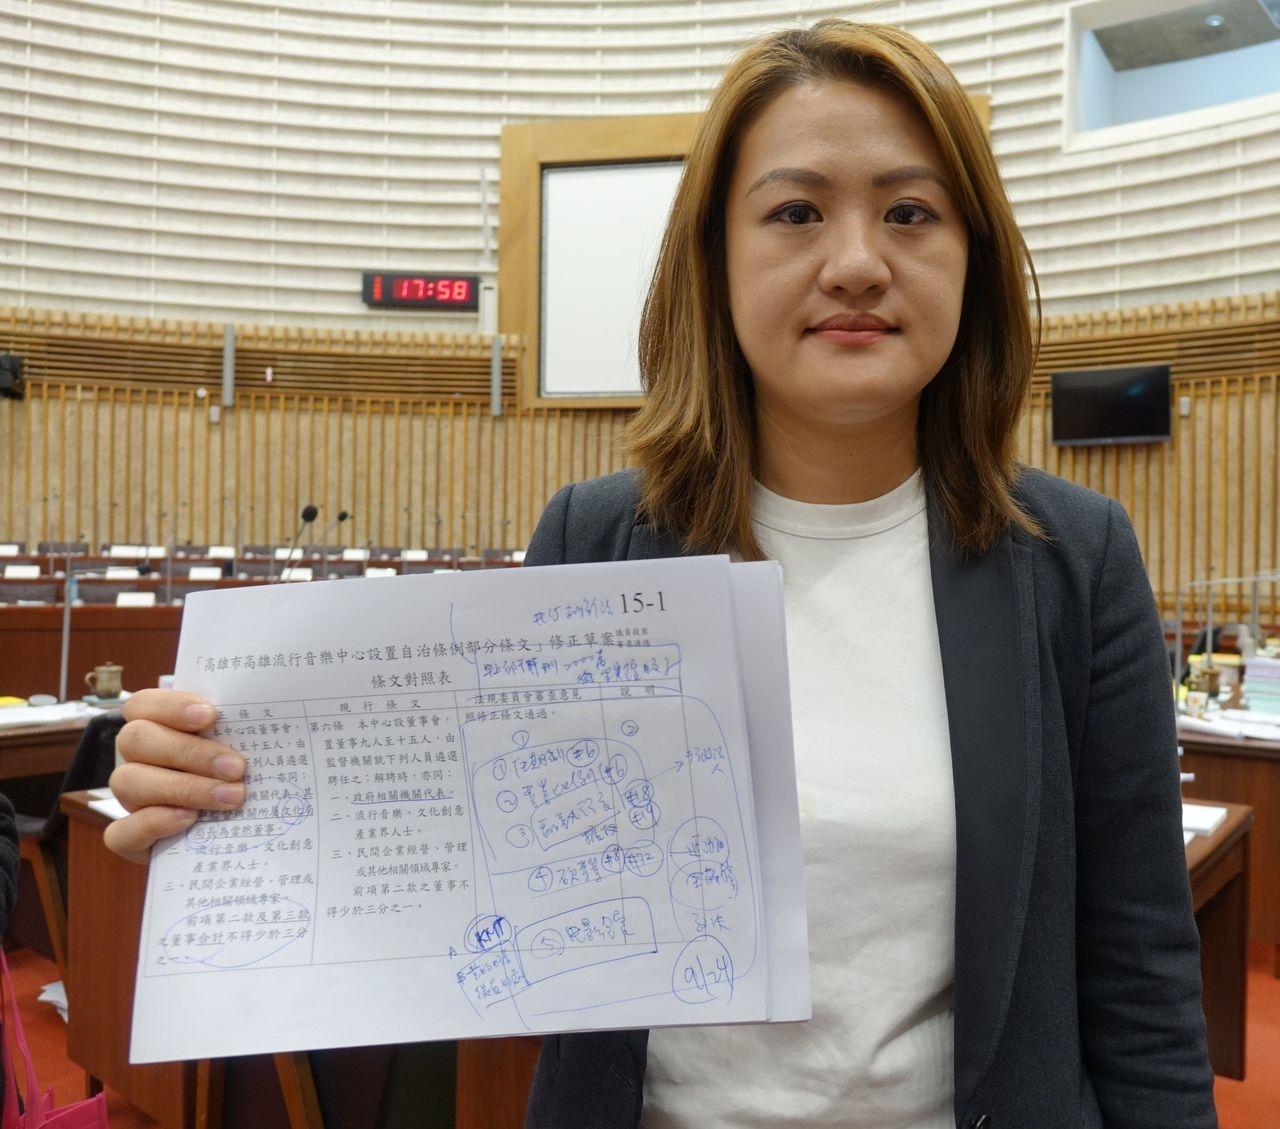 民進黨籍高雄市議員高閔琳嚴格把關「高雄流行音樂中心設置自治條例」部分條文修正案。 記者楊濡嘉/攝影